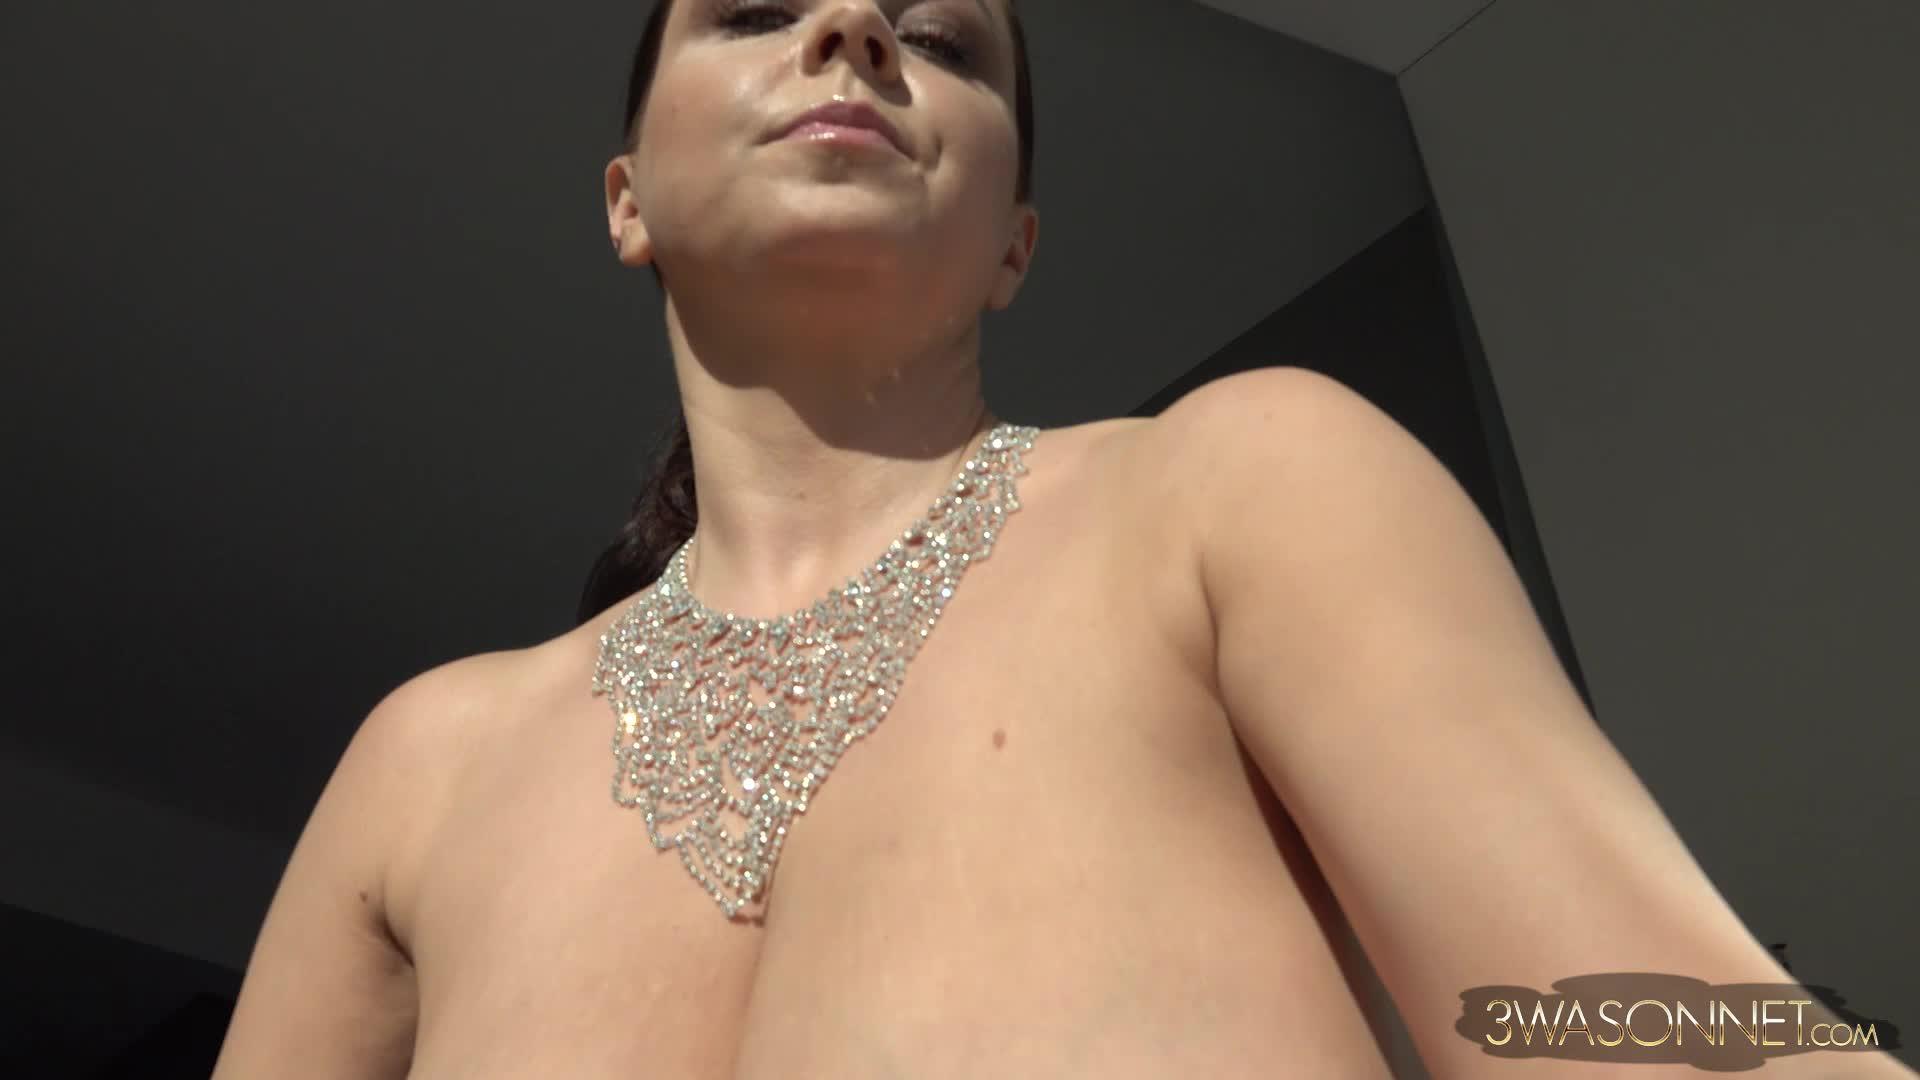 Ewa sonnet boobs